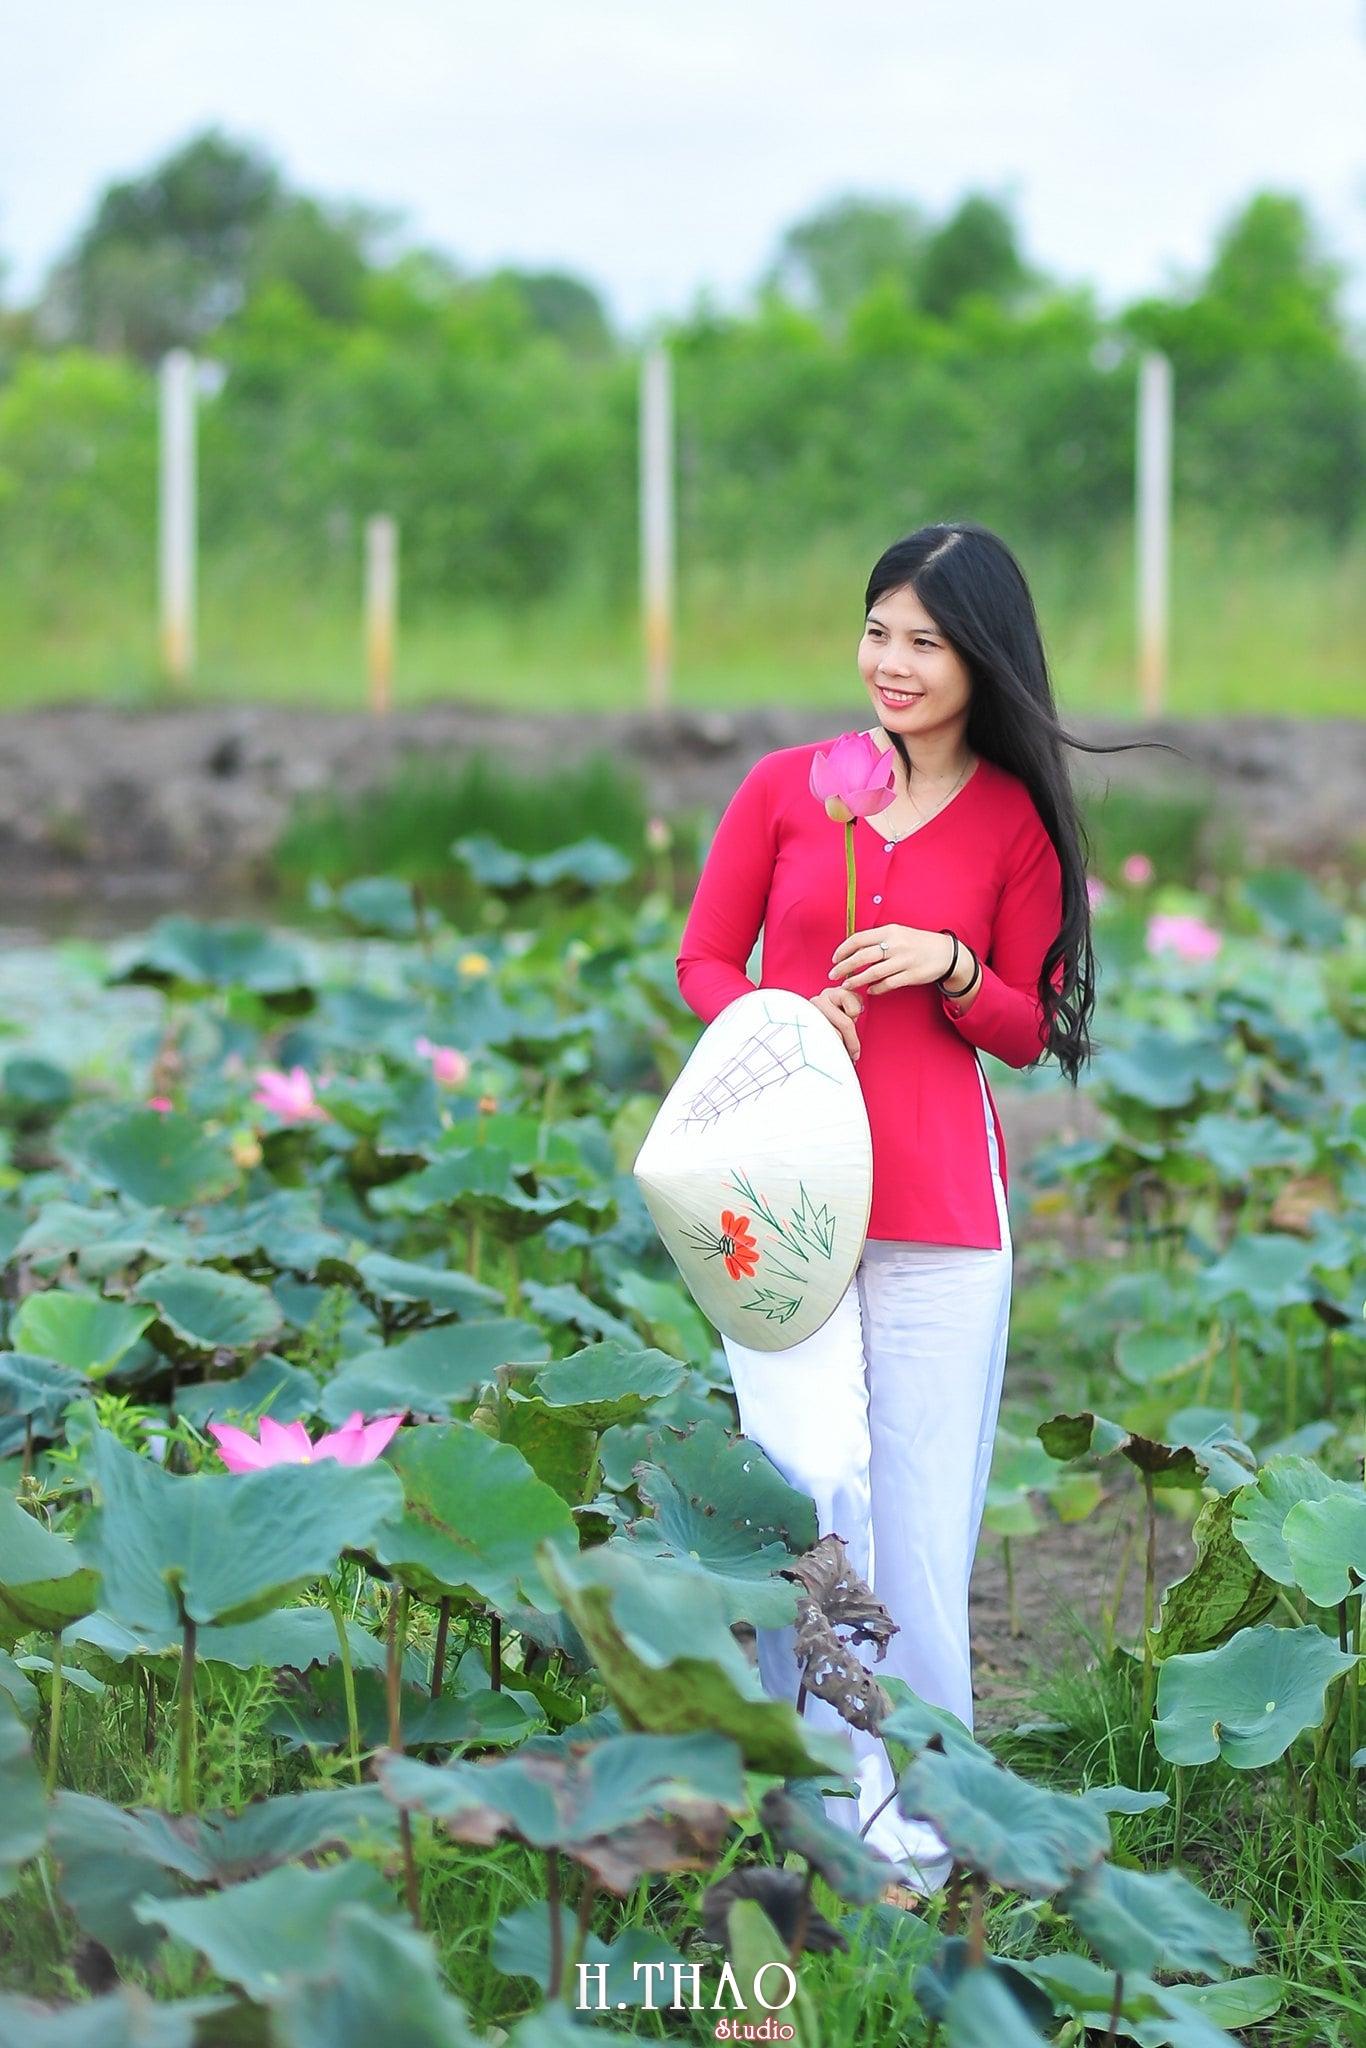 Hoa sen 2 - Tháng 6, chụp hình với hoa sen tại Tam đa quận 9 – Tp.HCM